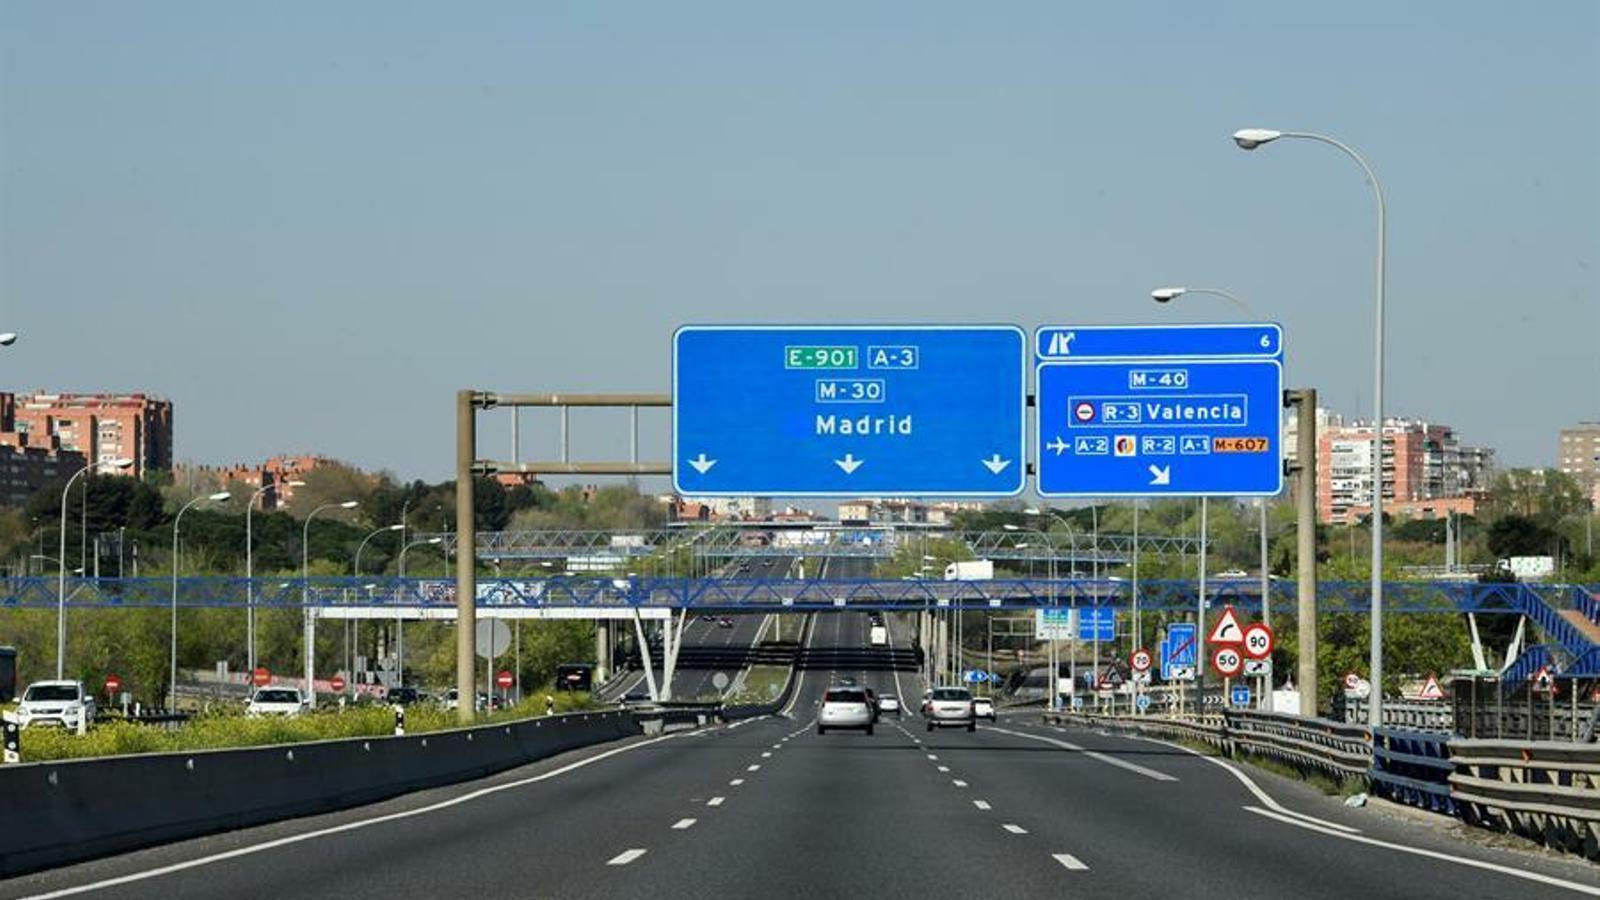 Accessos de Madrid amb poca afluència de trànsit.